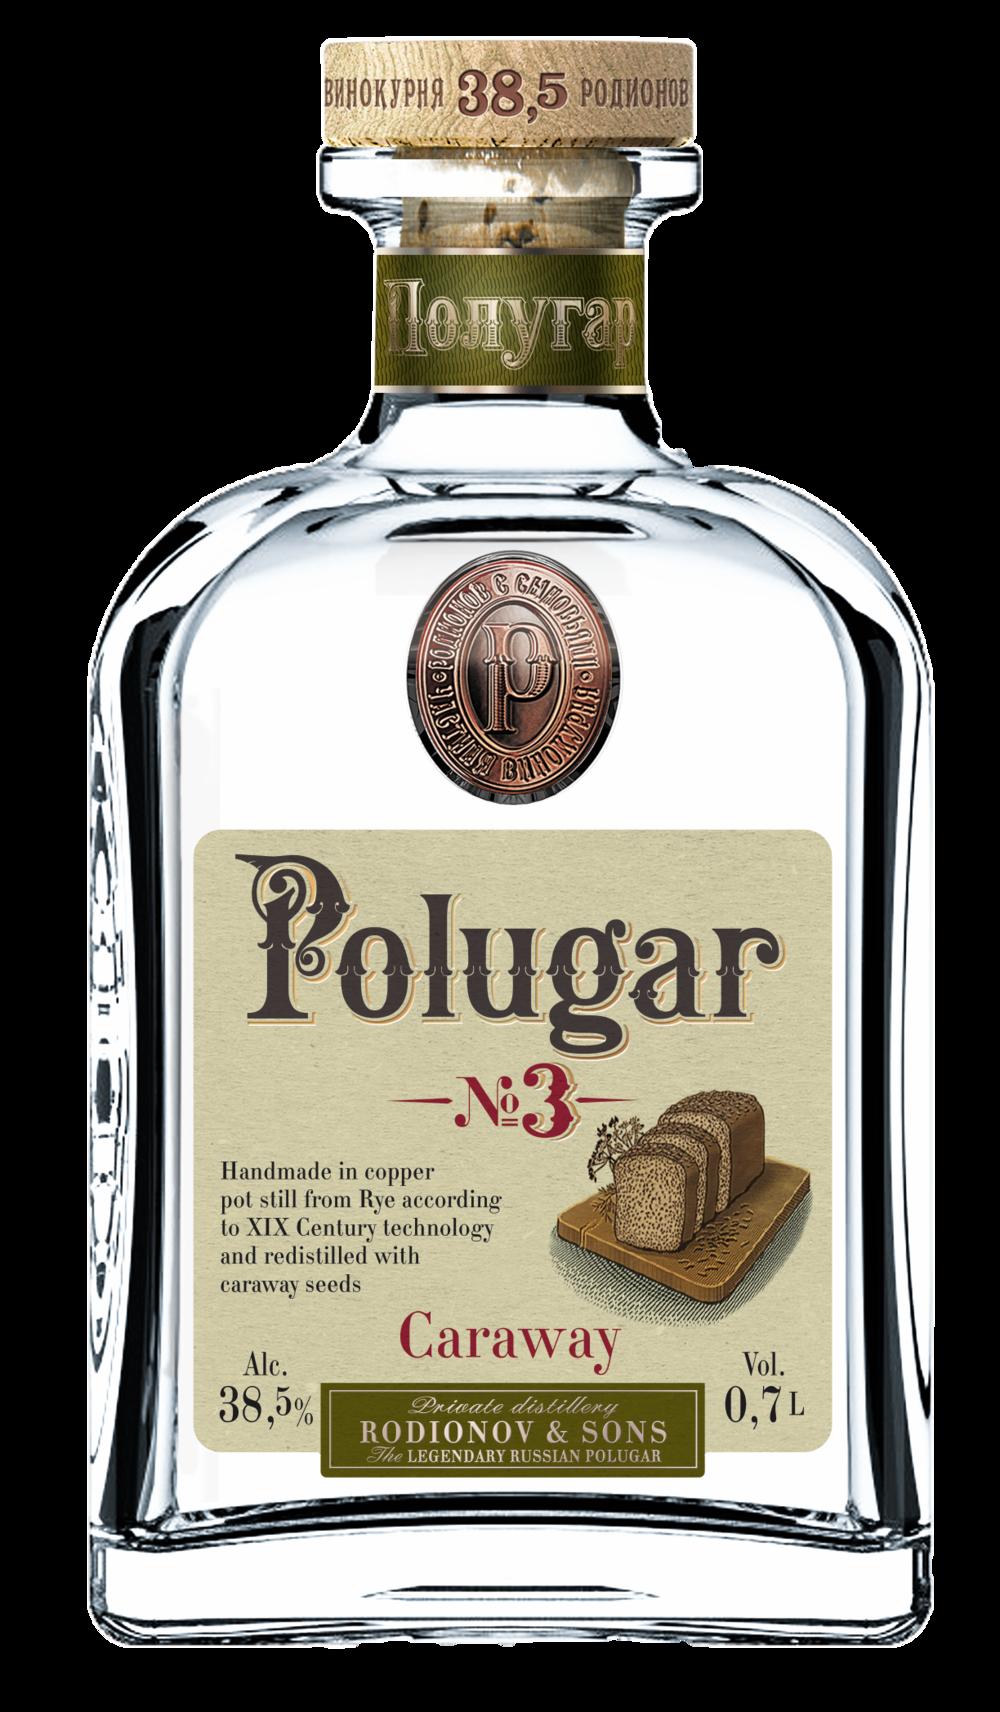 Polugar No.3 Caraway 38,5%